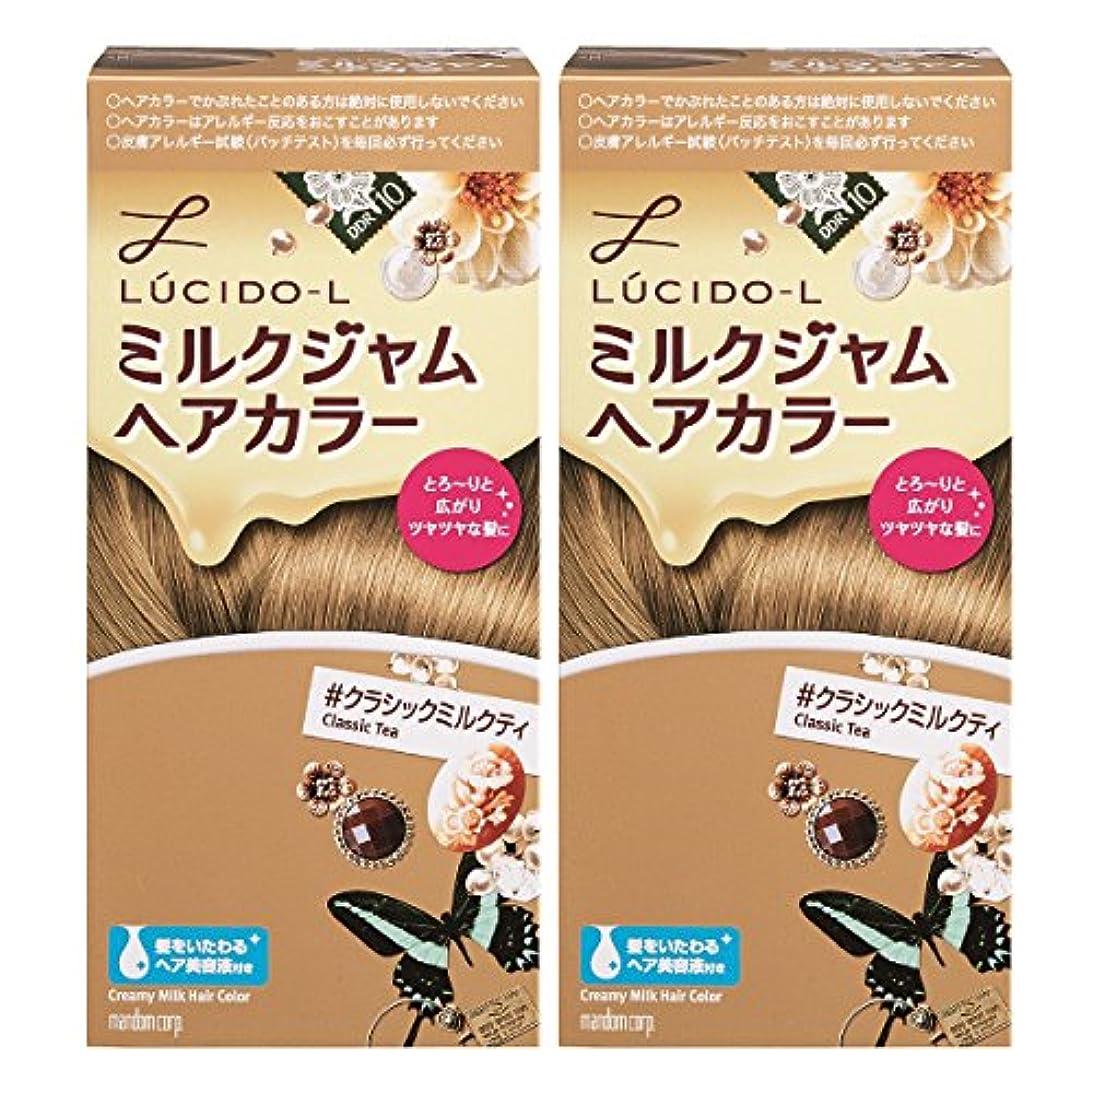 ほとんどの場合ズームメジャー【まとめ買い】LUCIDO-L (ルシードエル) ミルクジャムヘアカラー #クラシックミルクティ×2個パック(医薬部外品)